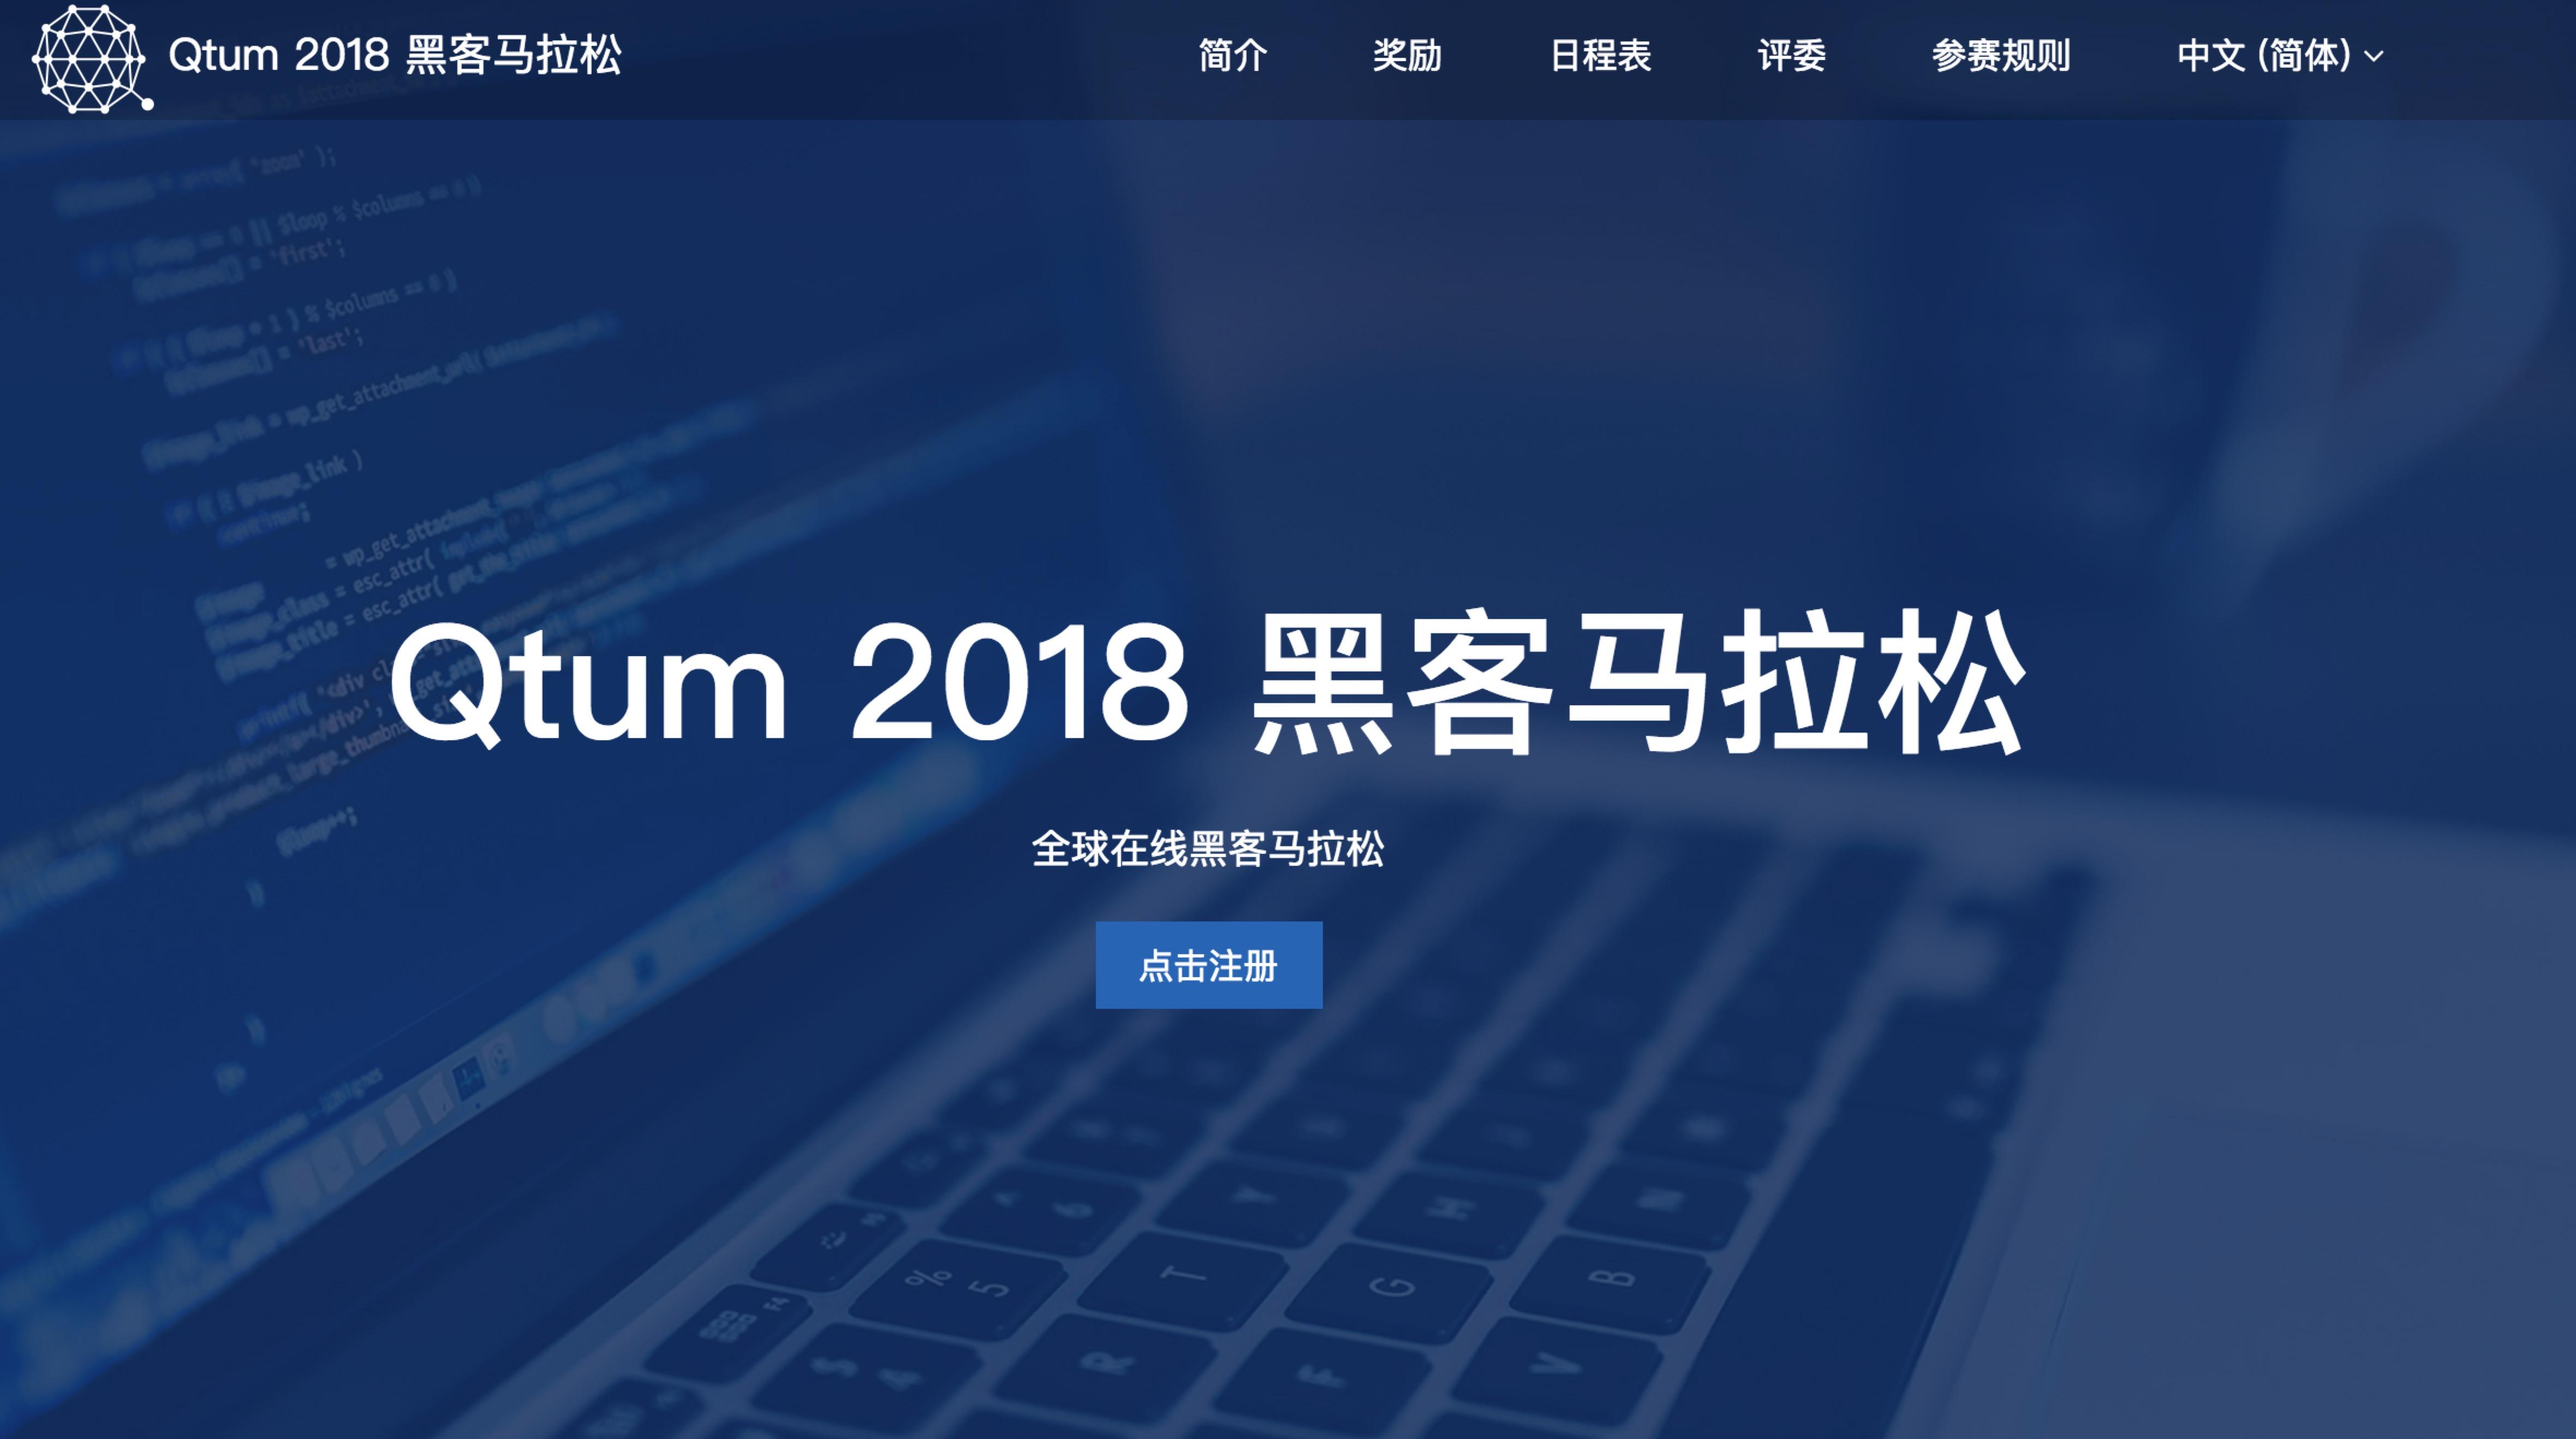 dapp 开发盛会:QTUM 2018 黑客马拉松